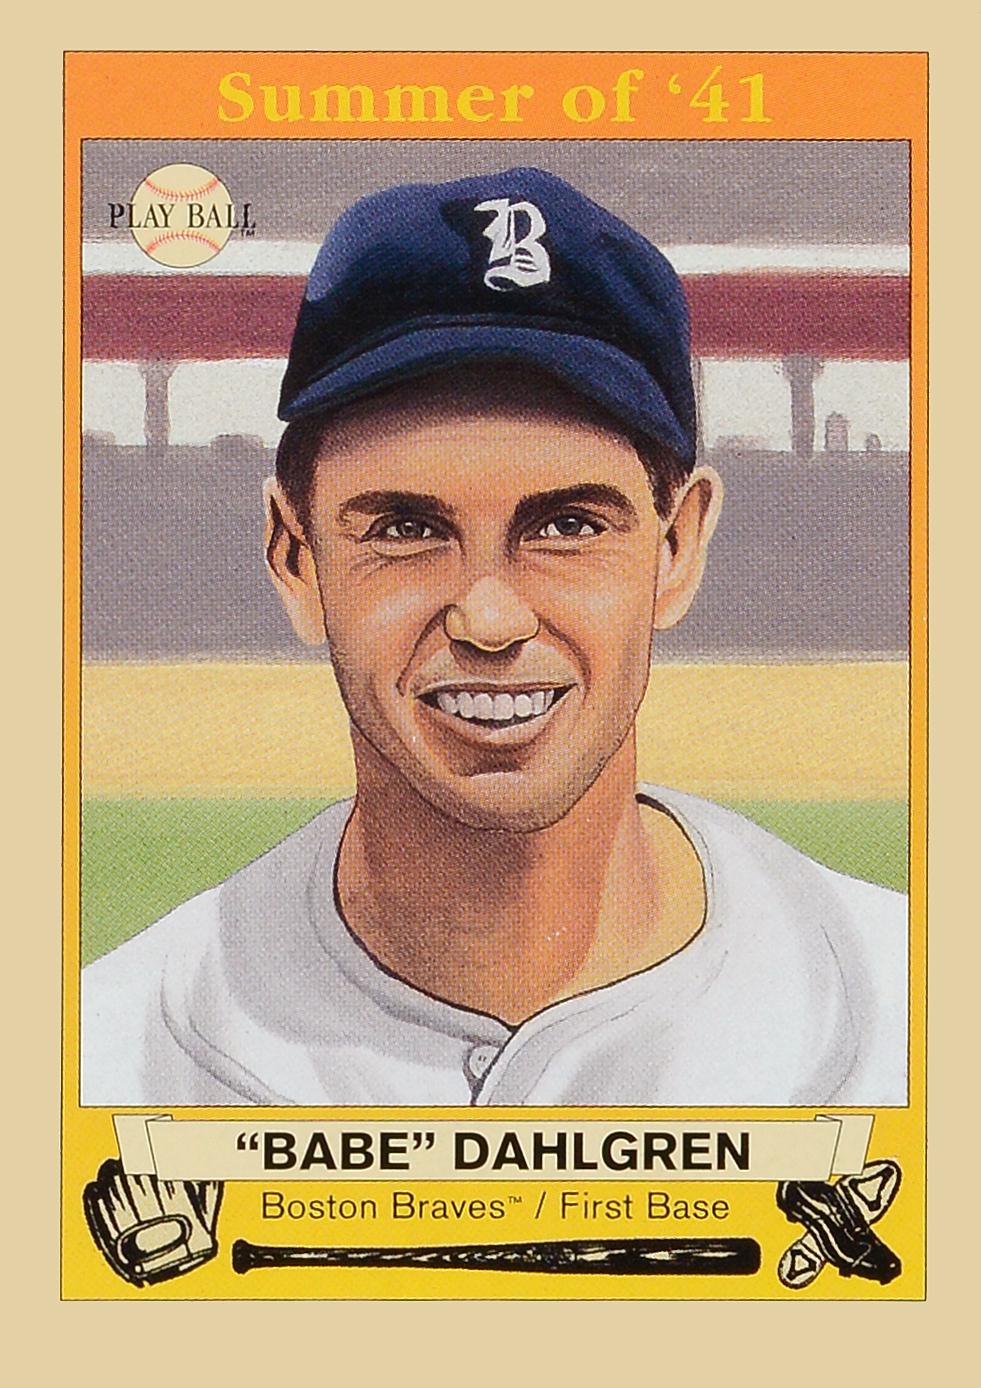 Dahlgren_Babe.jpg